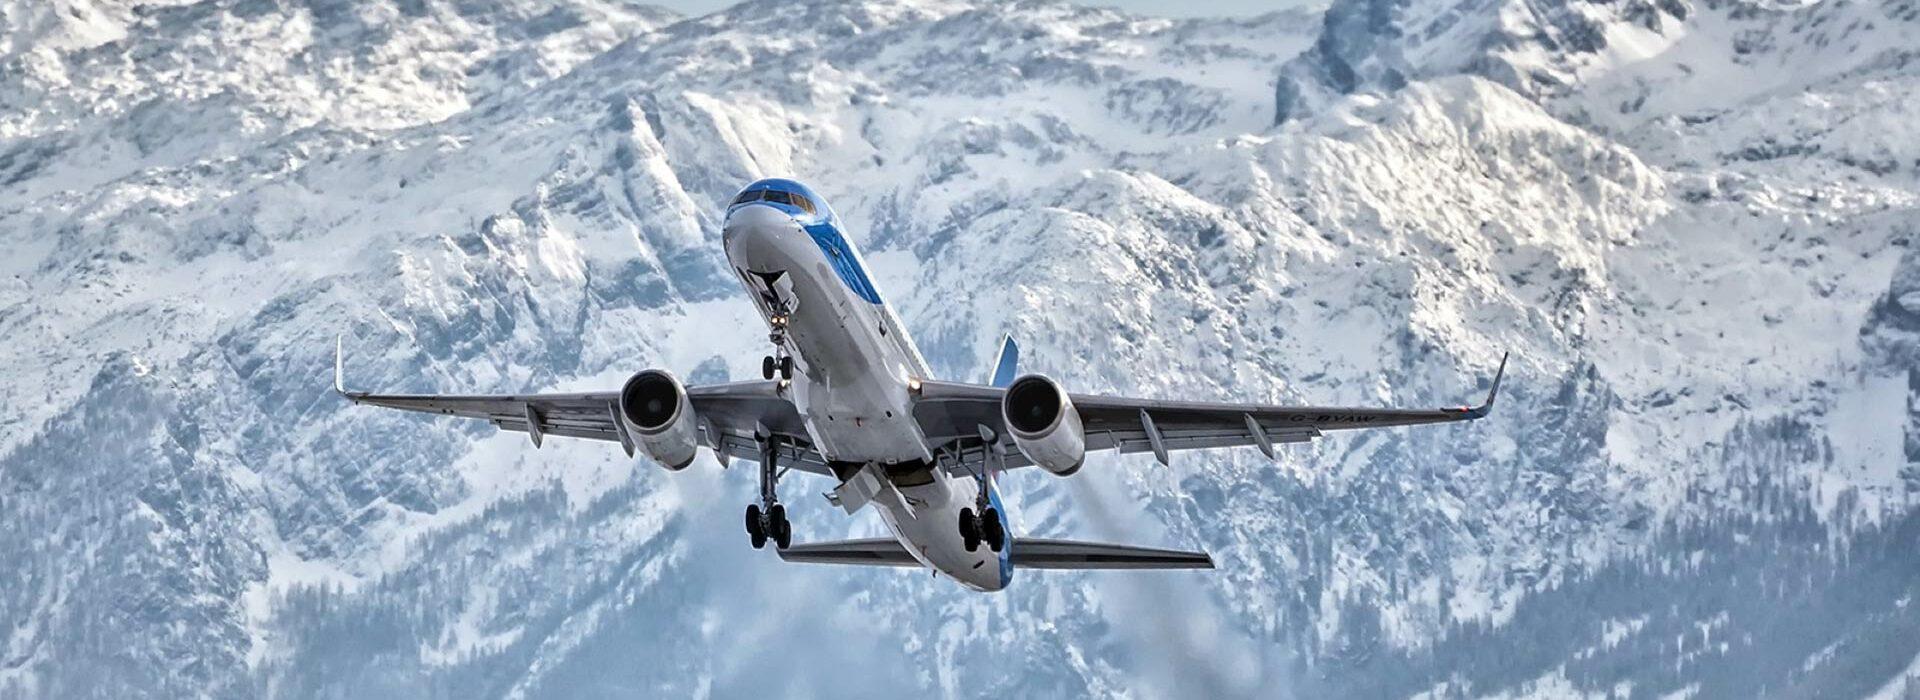 aircraft-marketing-main